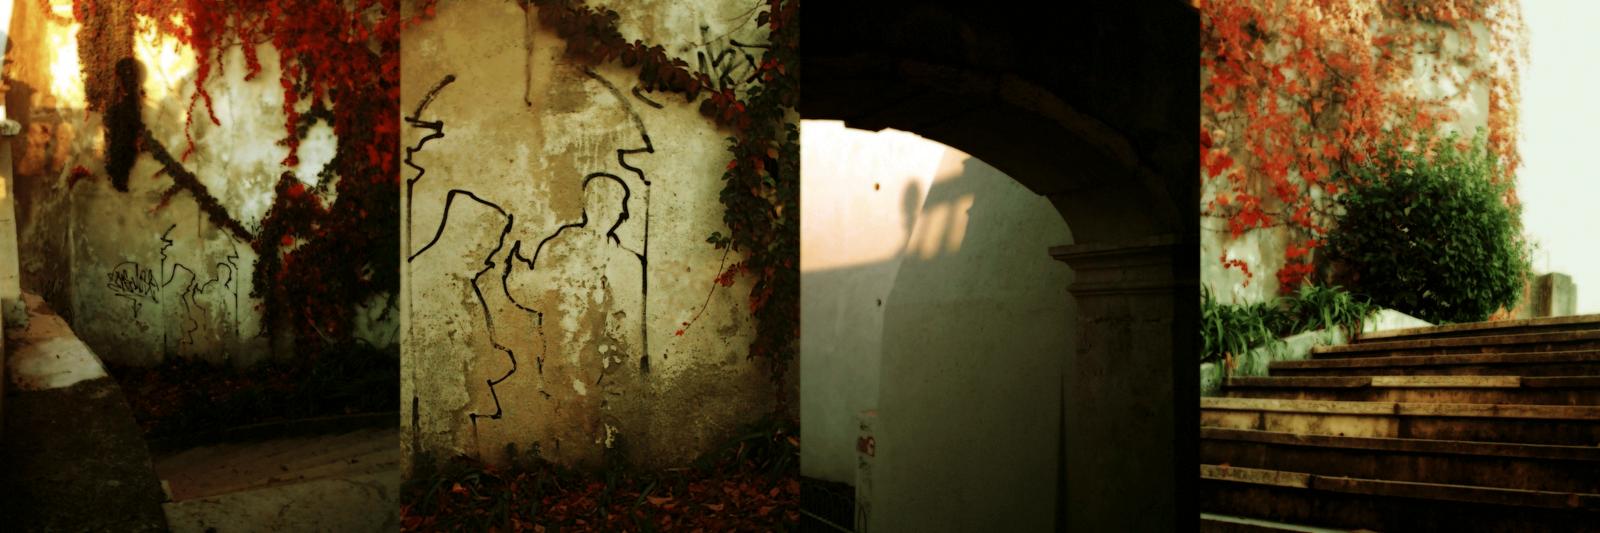 the graffiti and the invitation by rioMenor